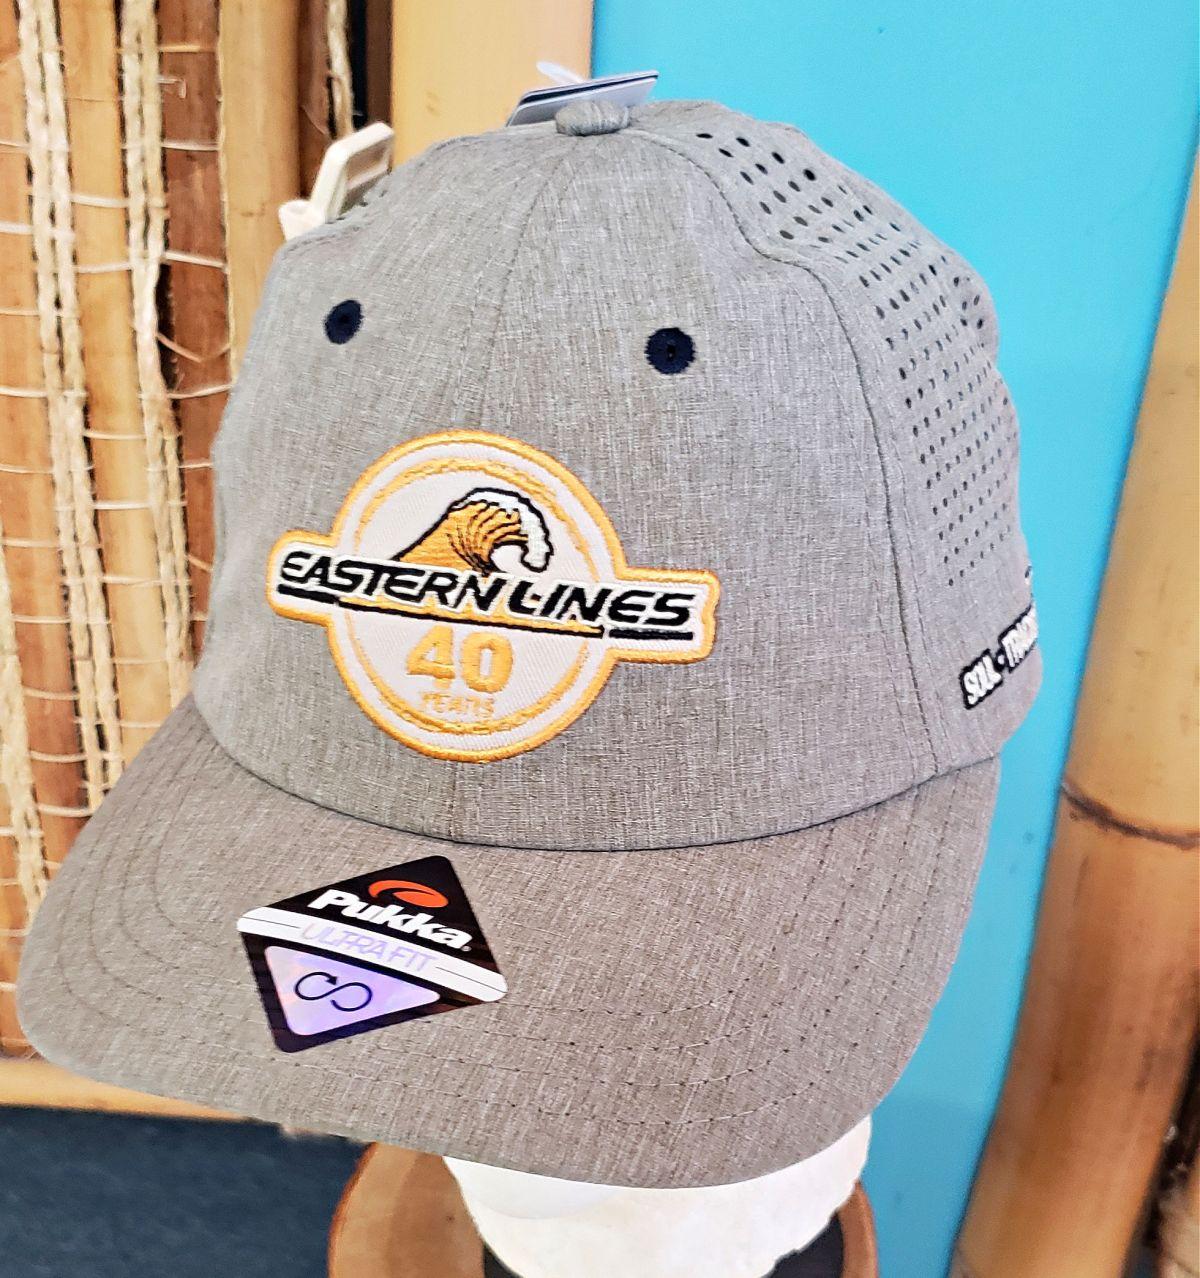 40th Hat Surplus Heather-250-r